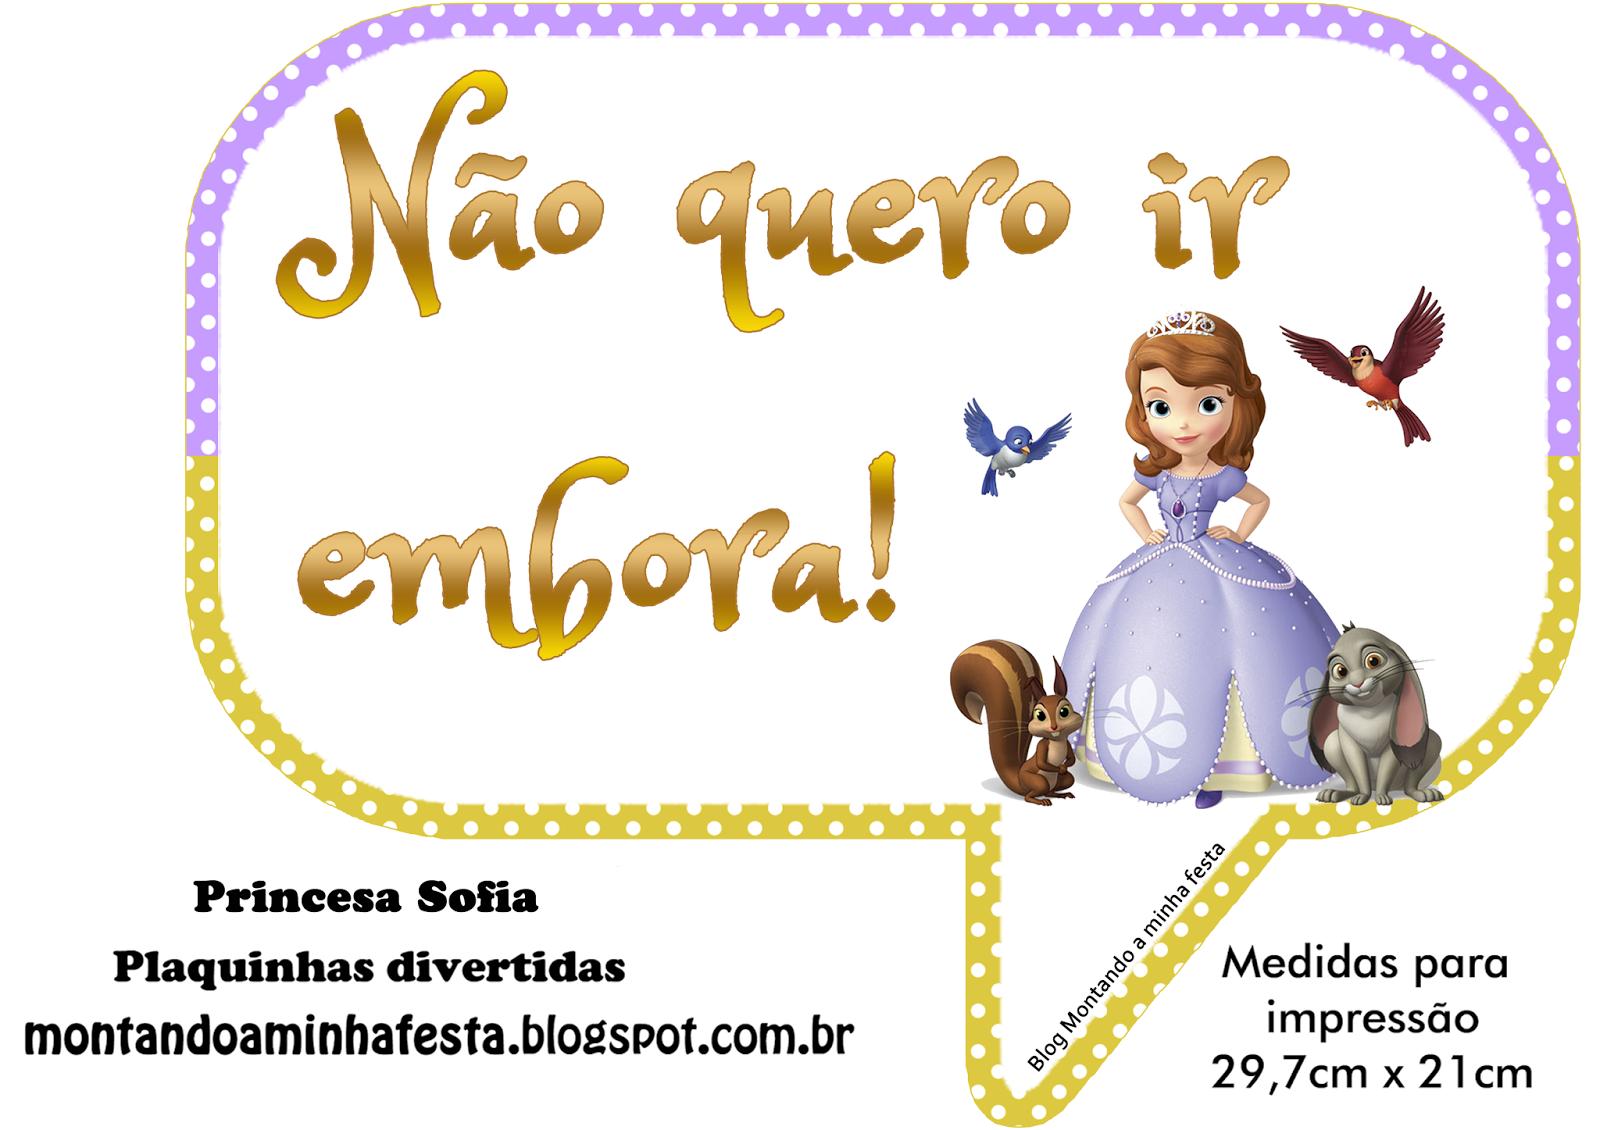 2 Mesversario Frases: Plaquinhas Divertidas Princesa Sofia Disney